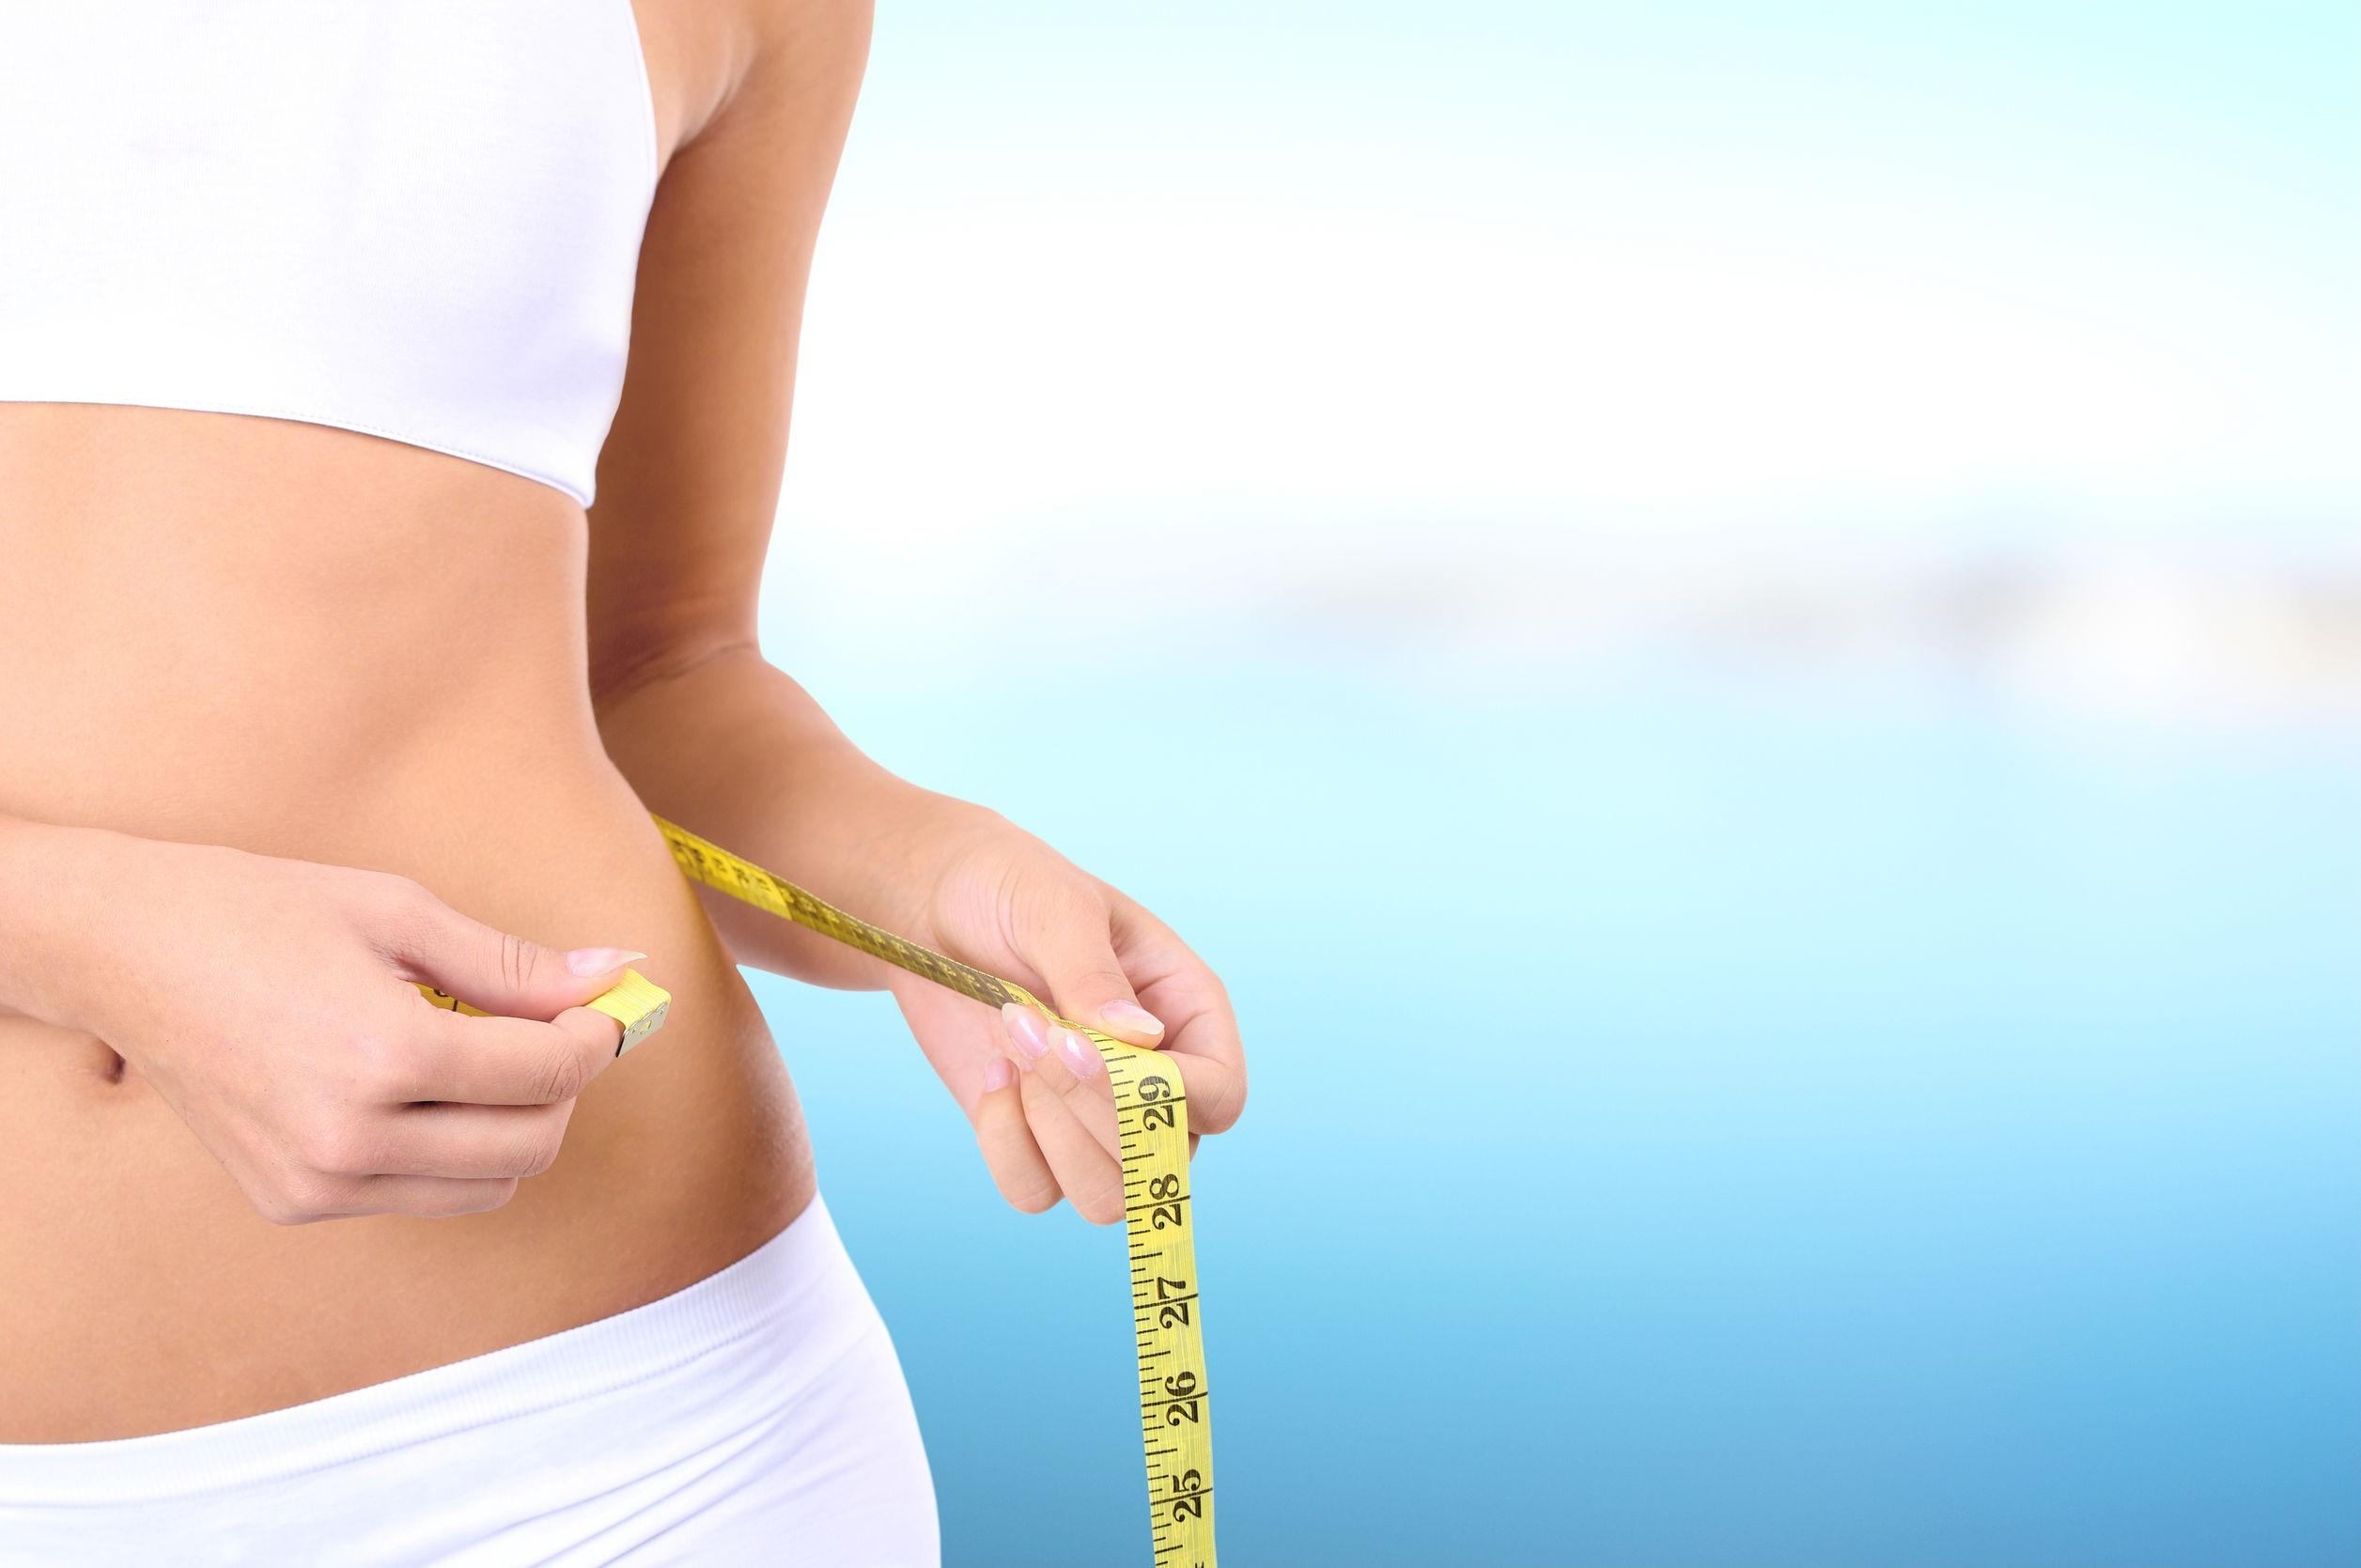 voce quer eliminar gordura abdominal com a ajuda de uma gordura